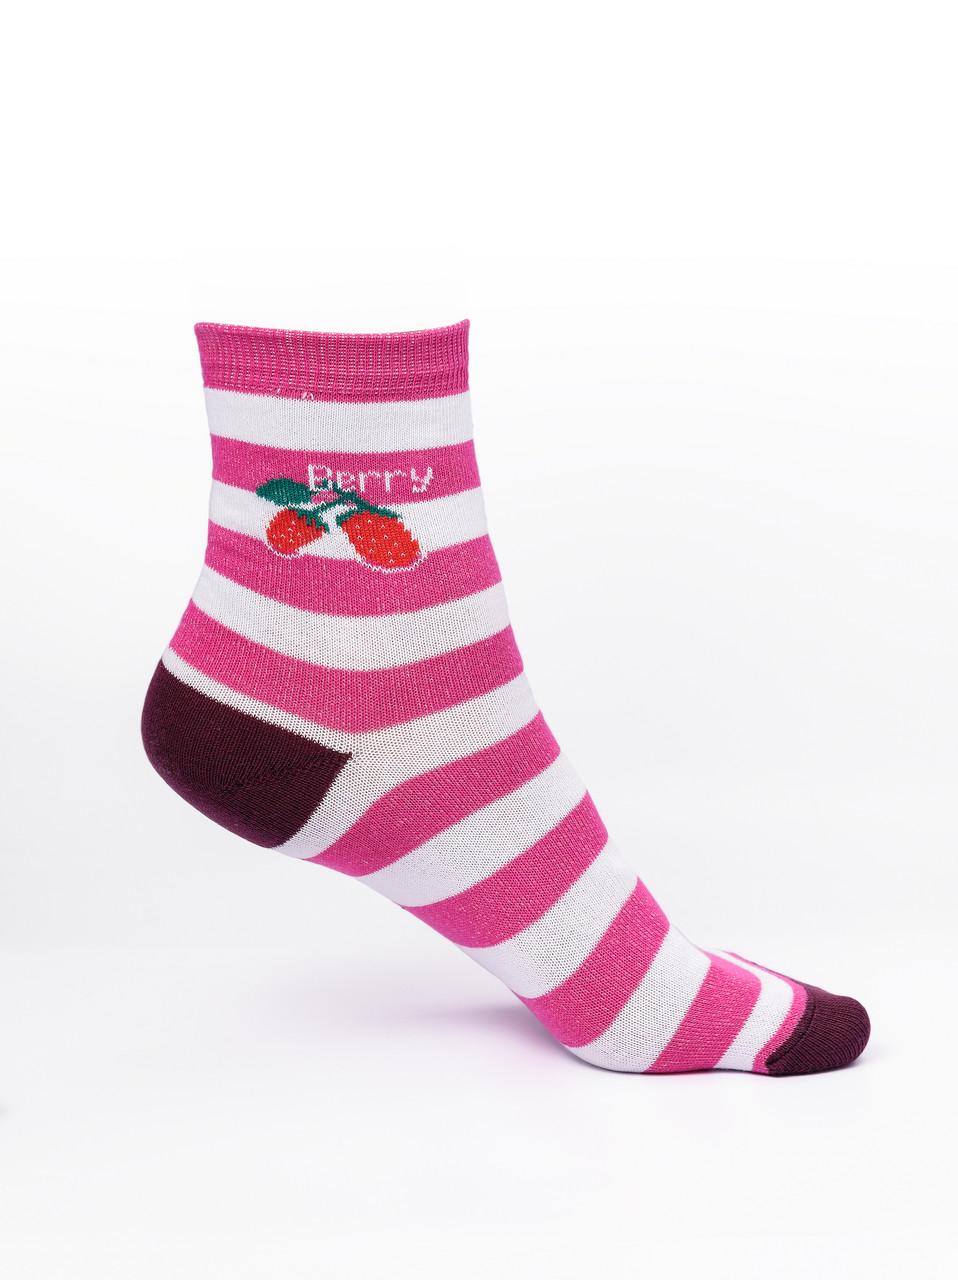 Женские носки в полоску, розовые